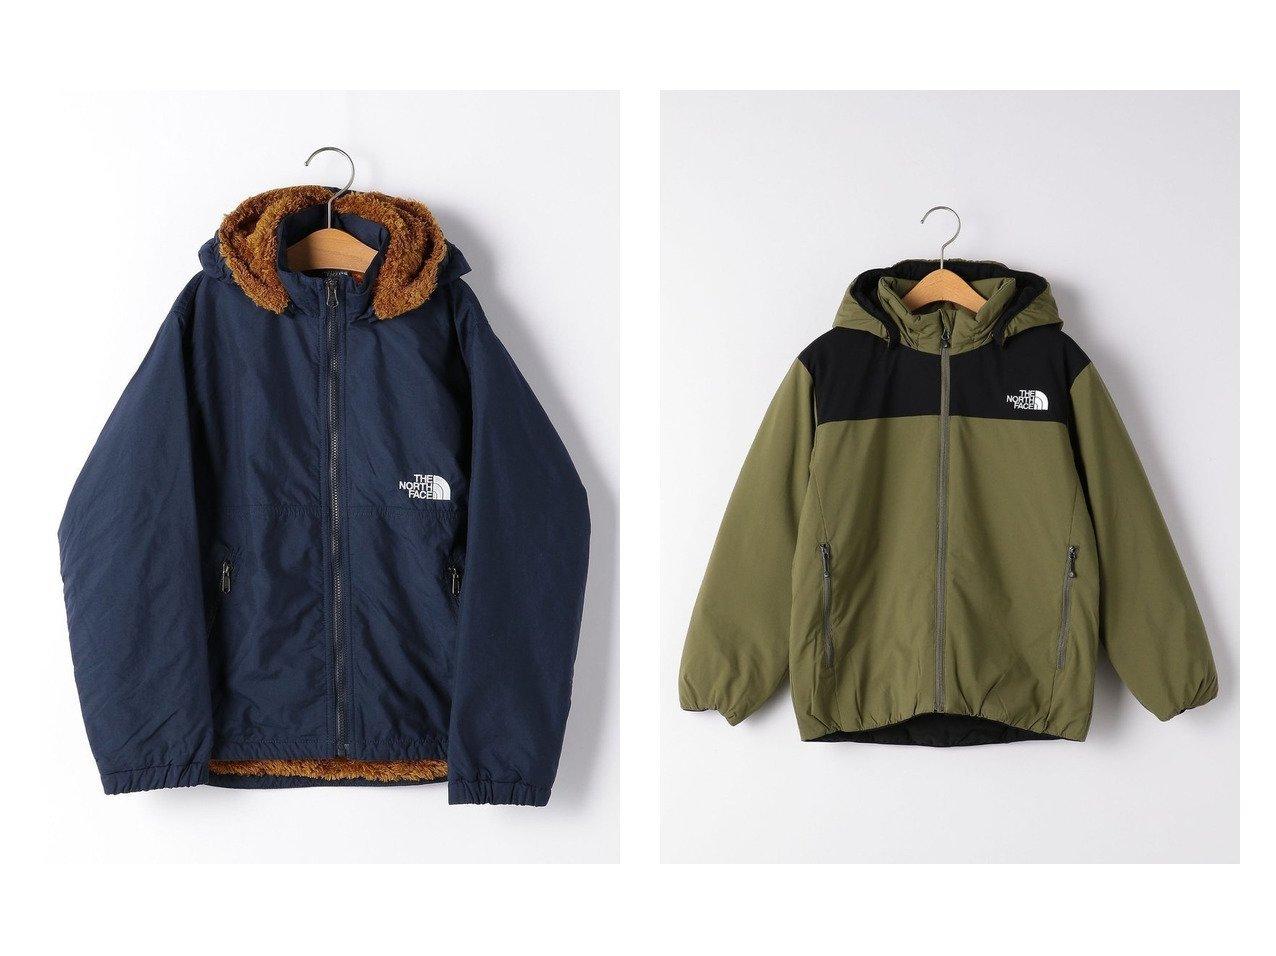 【green label relaxing / UNITED ARROWS / KIDS/グリーンレーベルリラクシング】のTHE NORTH FACE(ザノースフェイス) Gerund Insulation Jacket&【ジュニア】THE NORTH FACE(ザノースフェイス) Compact NomadJK 【KIDS】子供服のおすすめ!人気、キッズファッションの通販 おすすめで人気のファッション通販商品 インテリア・家具・キッズファッション・メンズファッション・レディースファッション・服の通販 founy(ファニー) https://founy.com/ ファッション Fashion キッズ KIDS アウトドア カリフォルニア ジャケット ブルゾン 防寒 定番 |ID:crp329100000003765